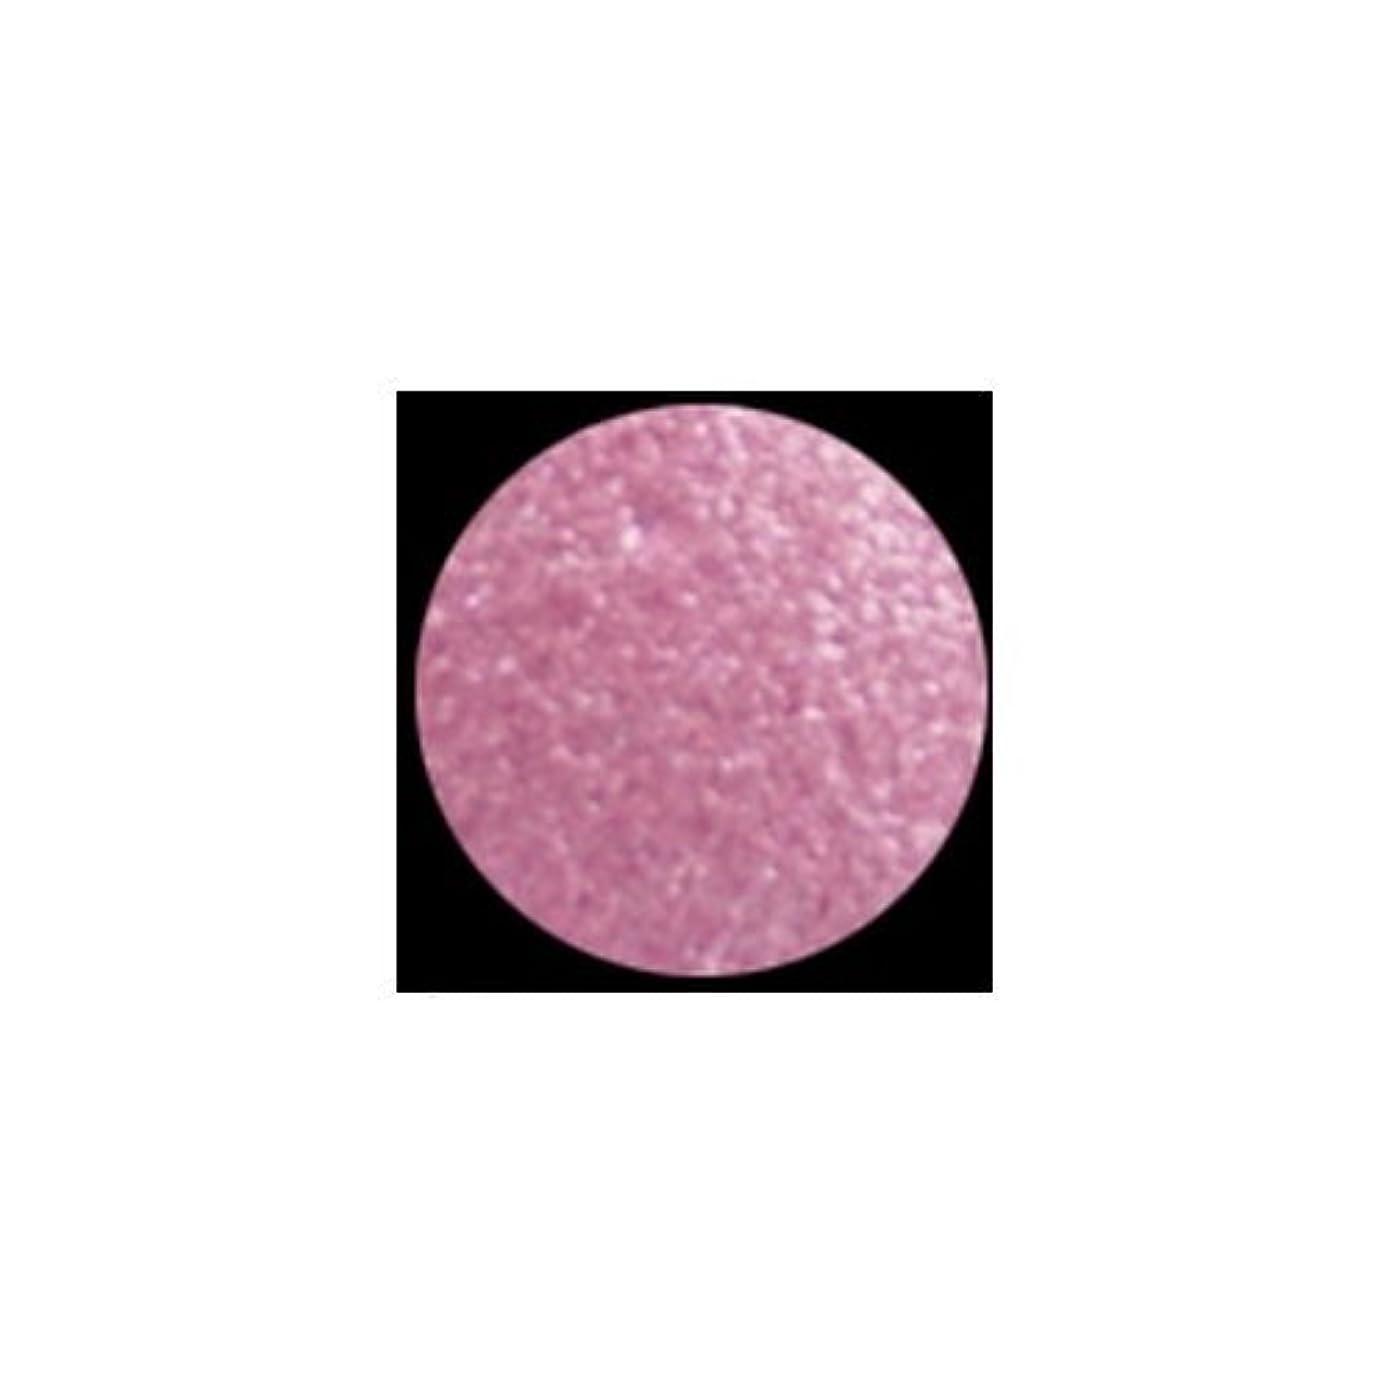 テレマコス同行魅力KLEANCOLOR American Eyedol (Wet/Dry Baked Eyeshadow) - Floral Pink (並行輸入品)